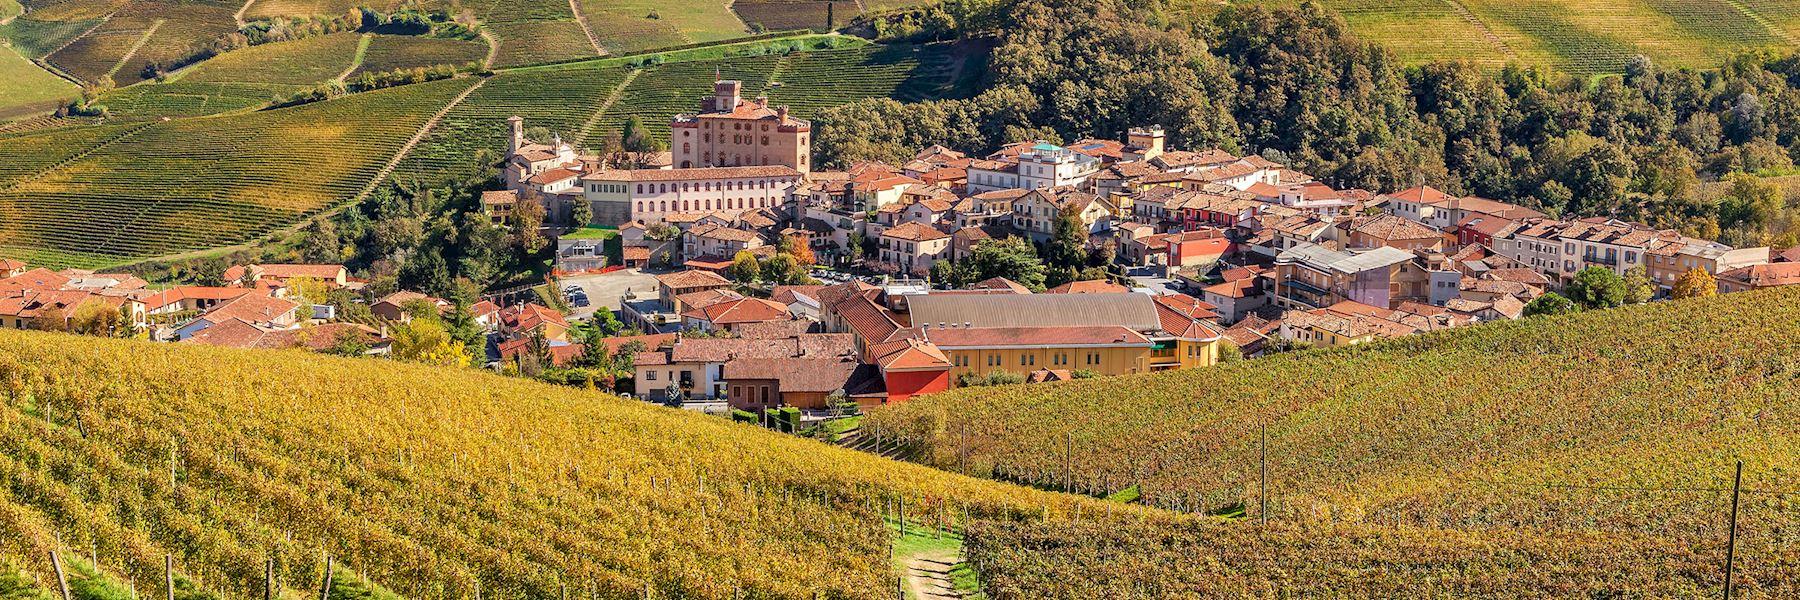 Visit Barolo, Italy